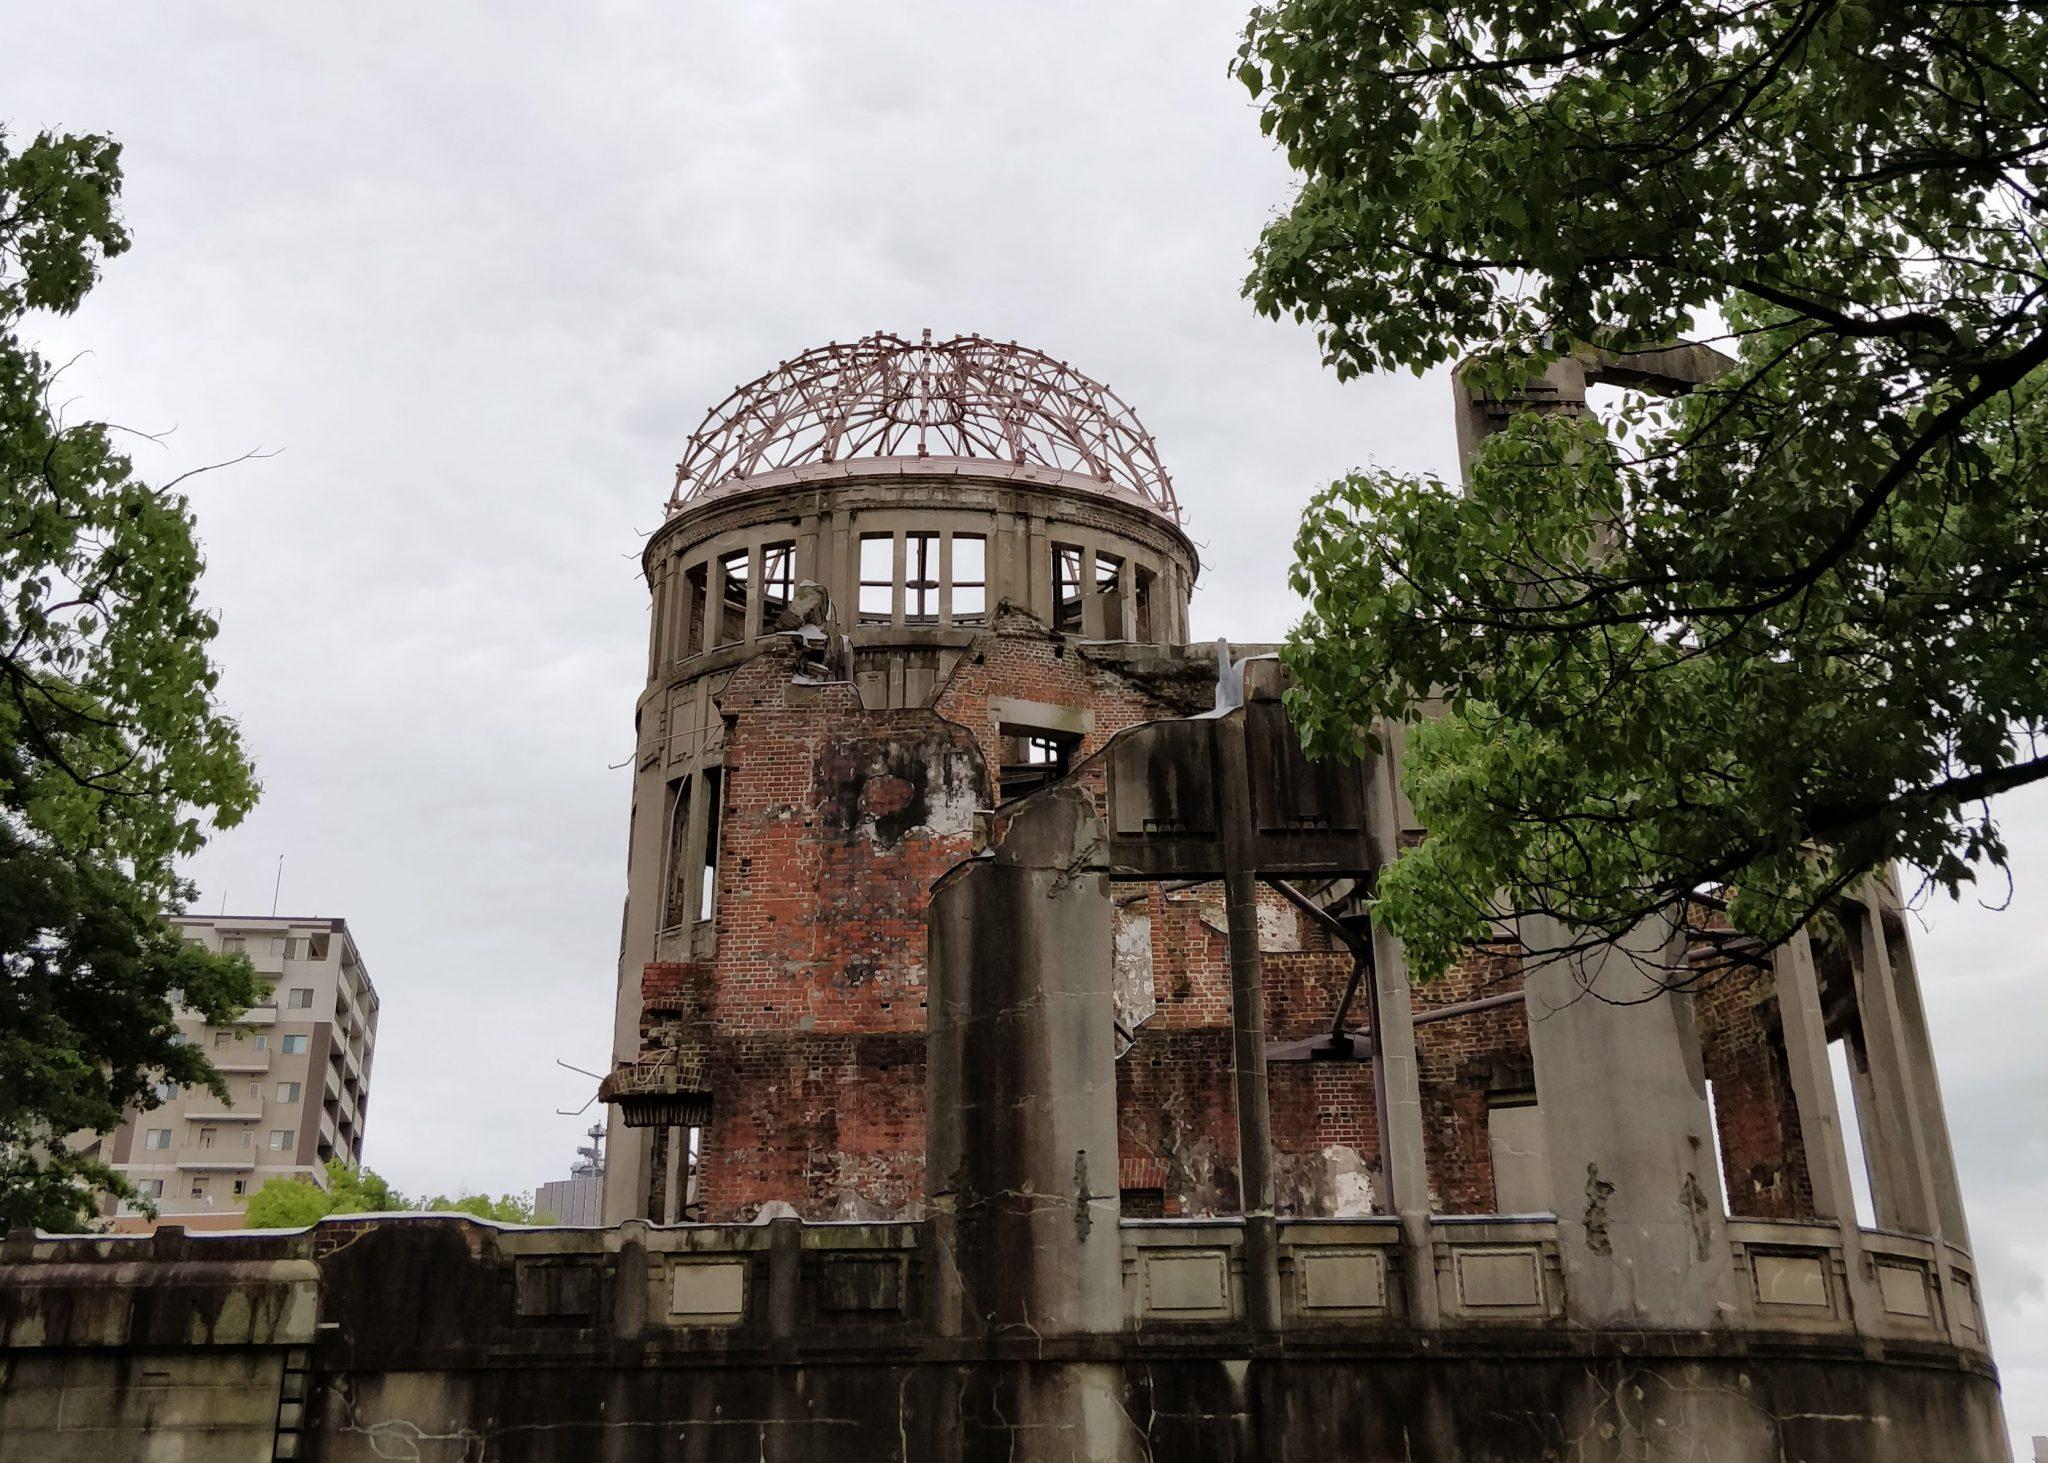 Atomic bomb dome Hiroshimassa, rakennuksen rauniot atomipommin jälkeen